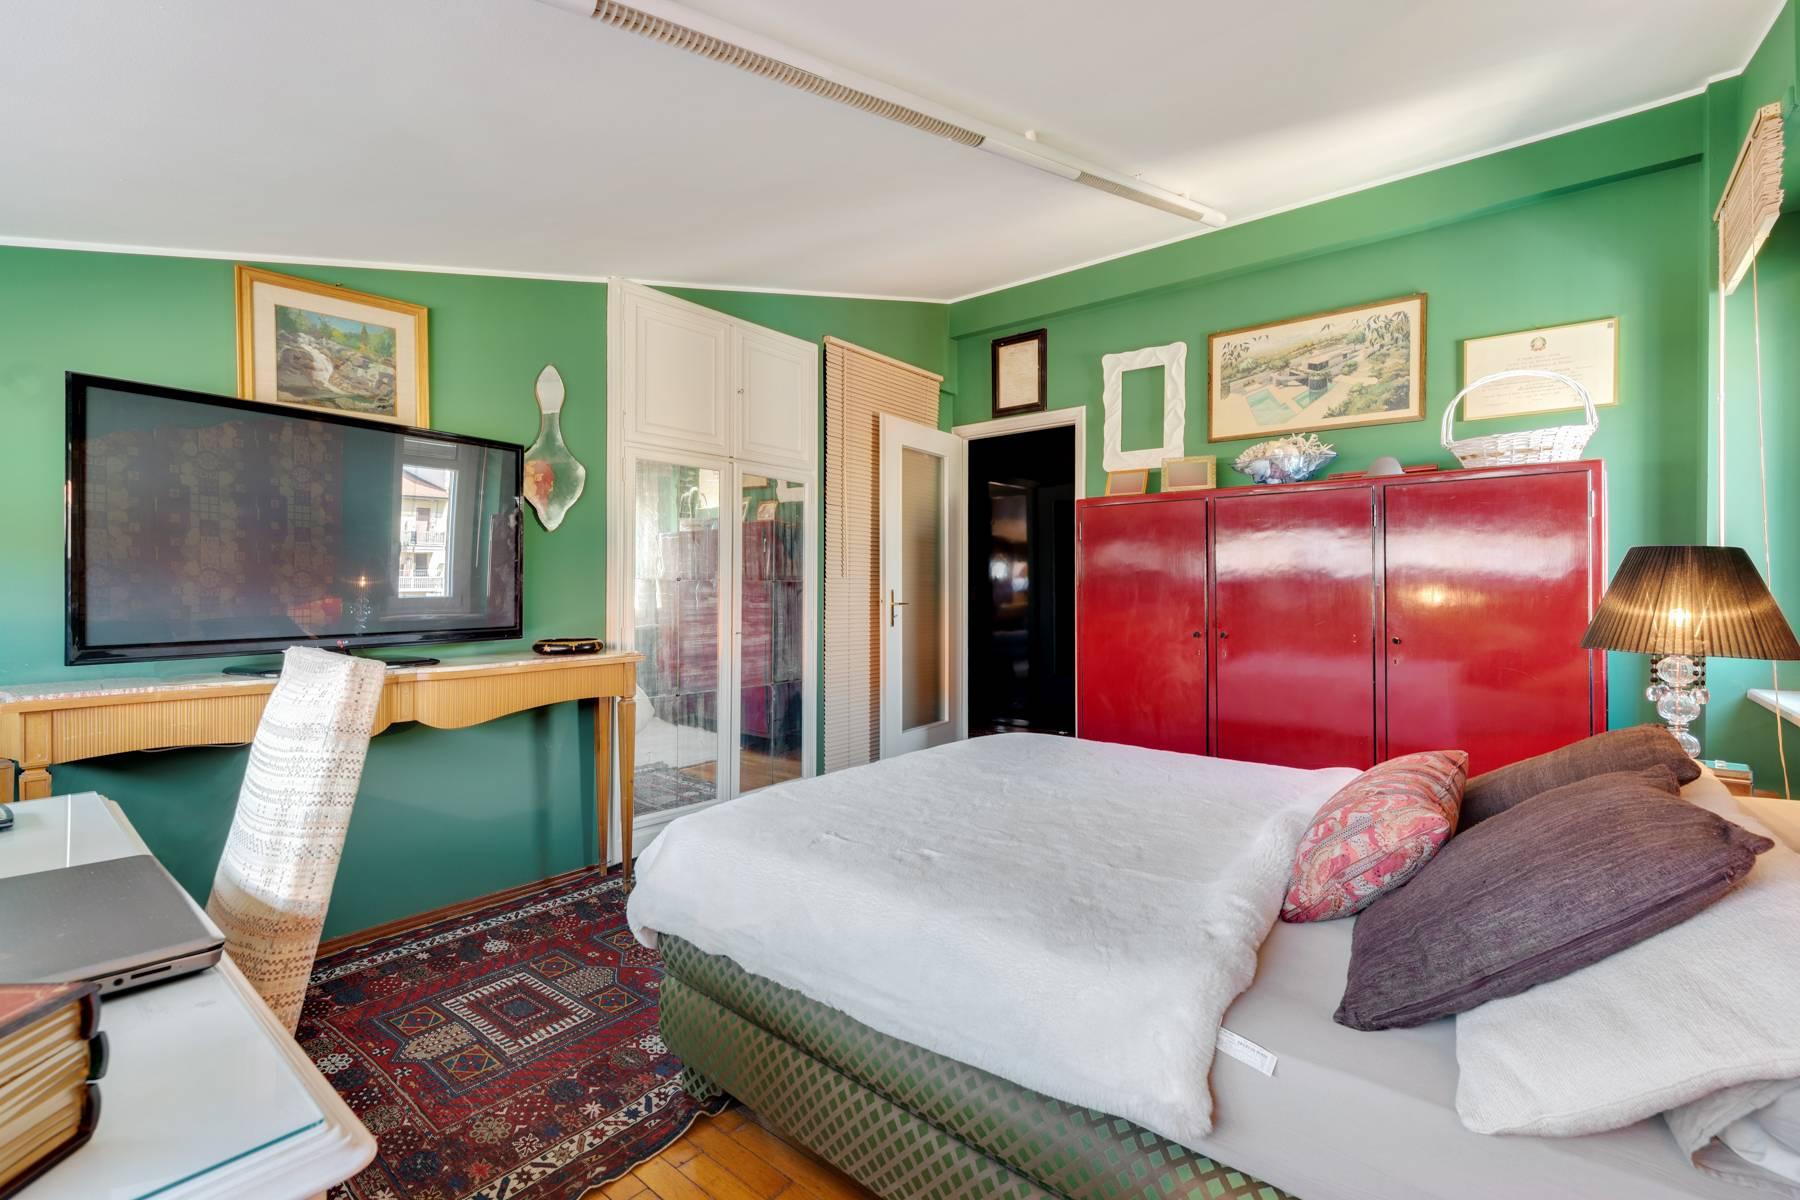 Appartamento in Vendita a Torino: 4 locali, 124 mq - Foto 3